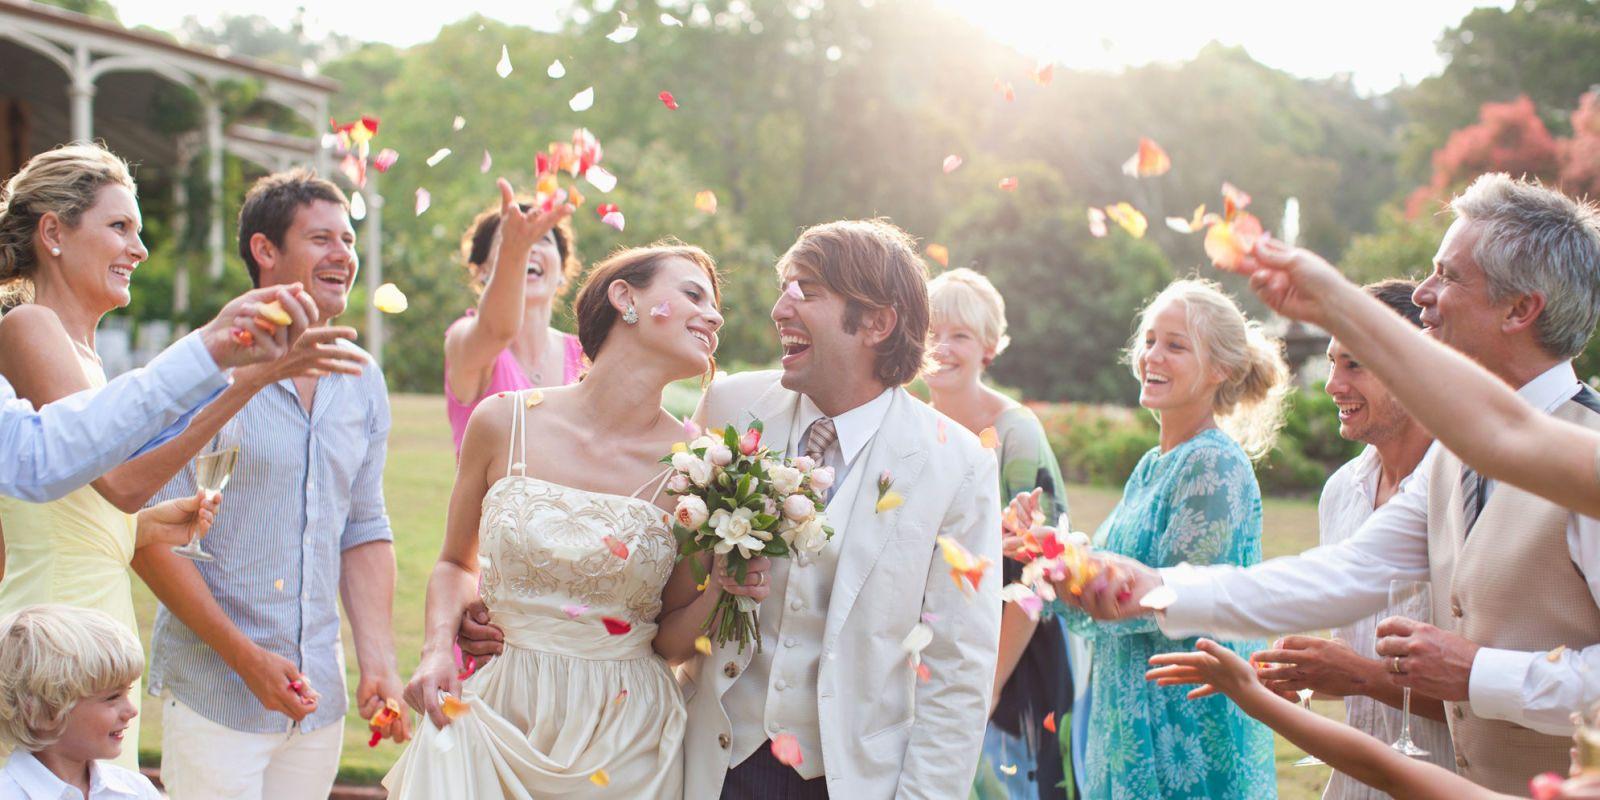 Matrimonio Sulla Spiaggia Outfit : Come vestirsi ad un matrimonio consigli per un outfit perfetto